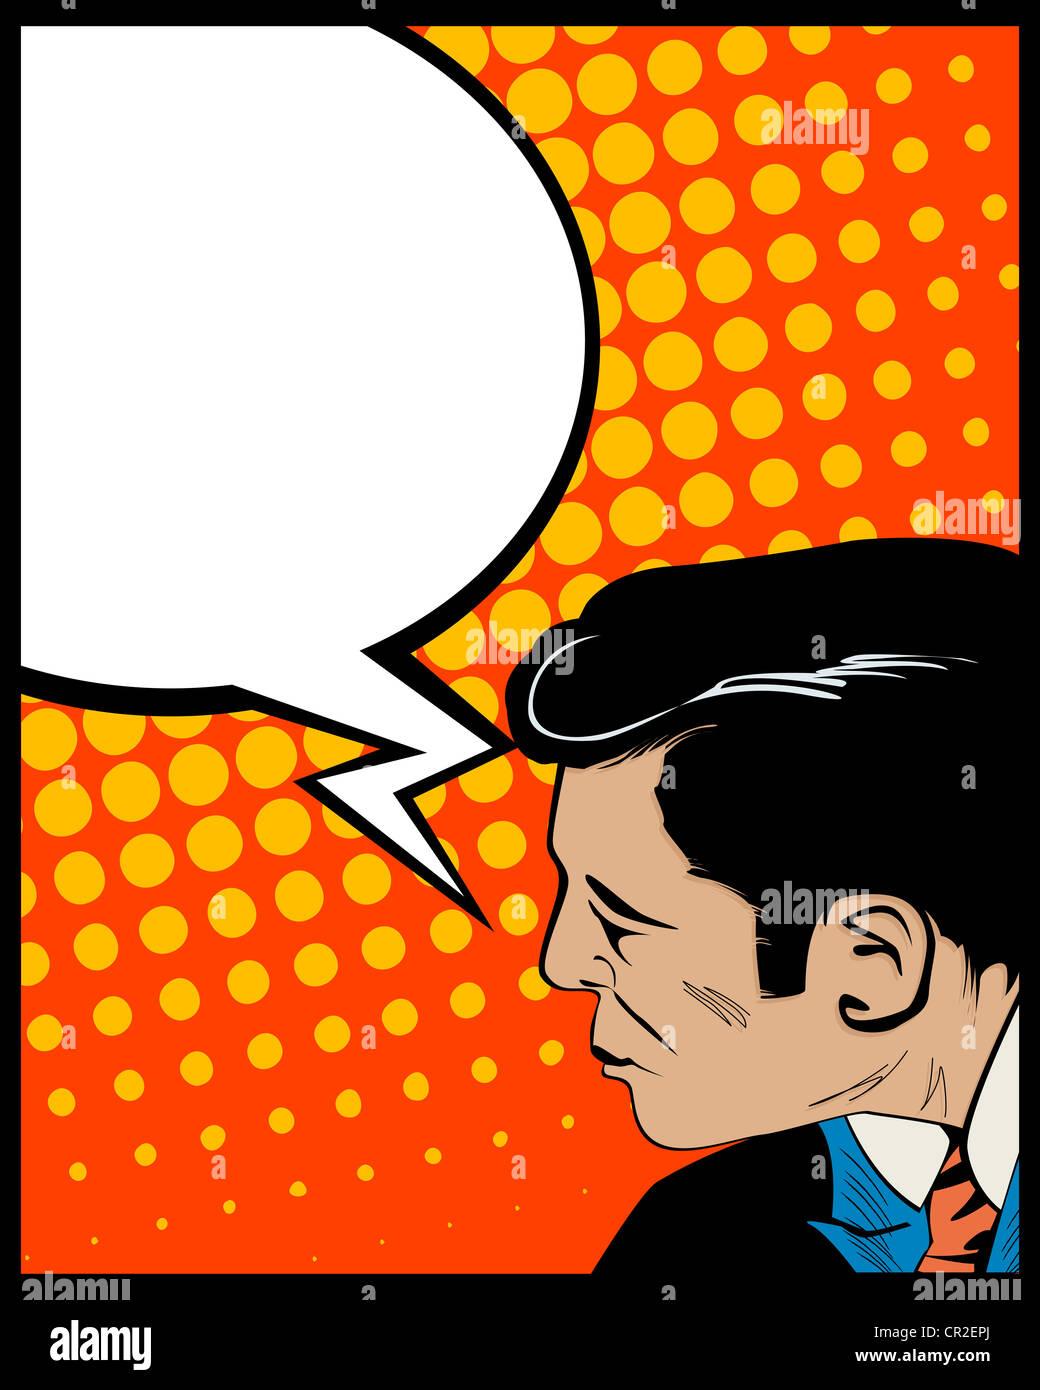 Style Pop Art graphique avec l'homme et la bulle Banque D'Images